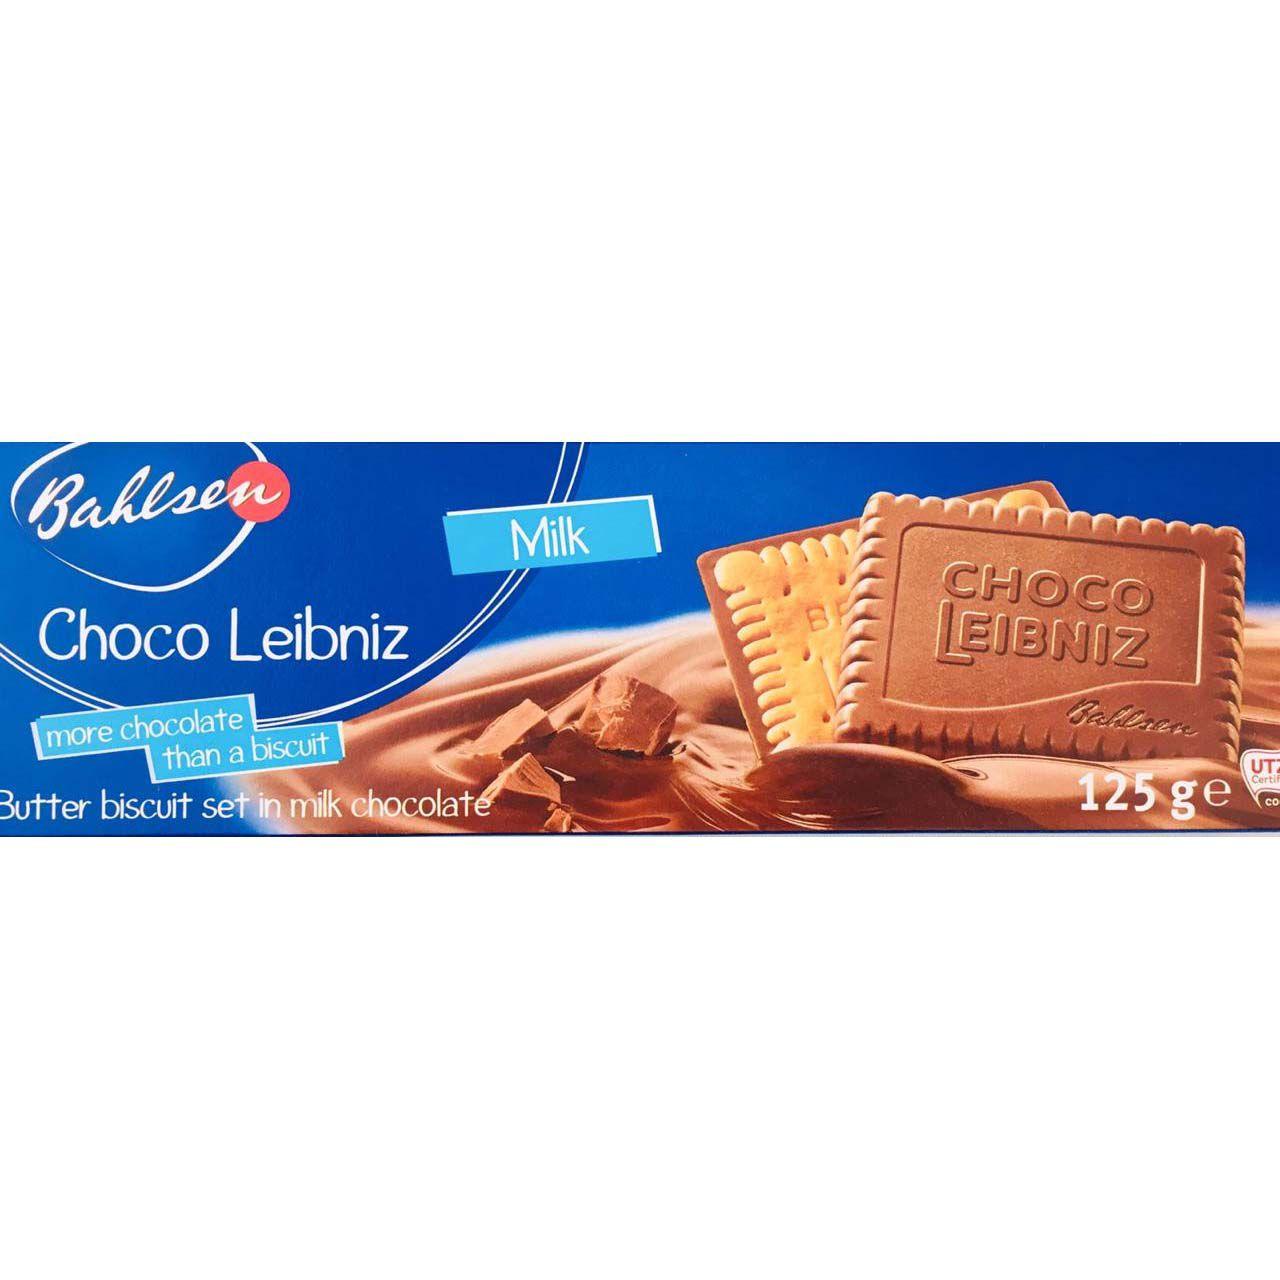 Biscoito Bahlsen Choco Leibniz Milk- 125g -